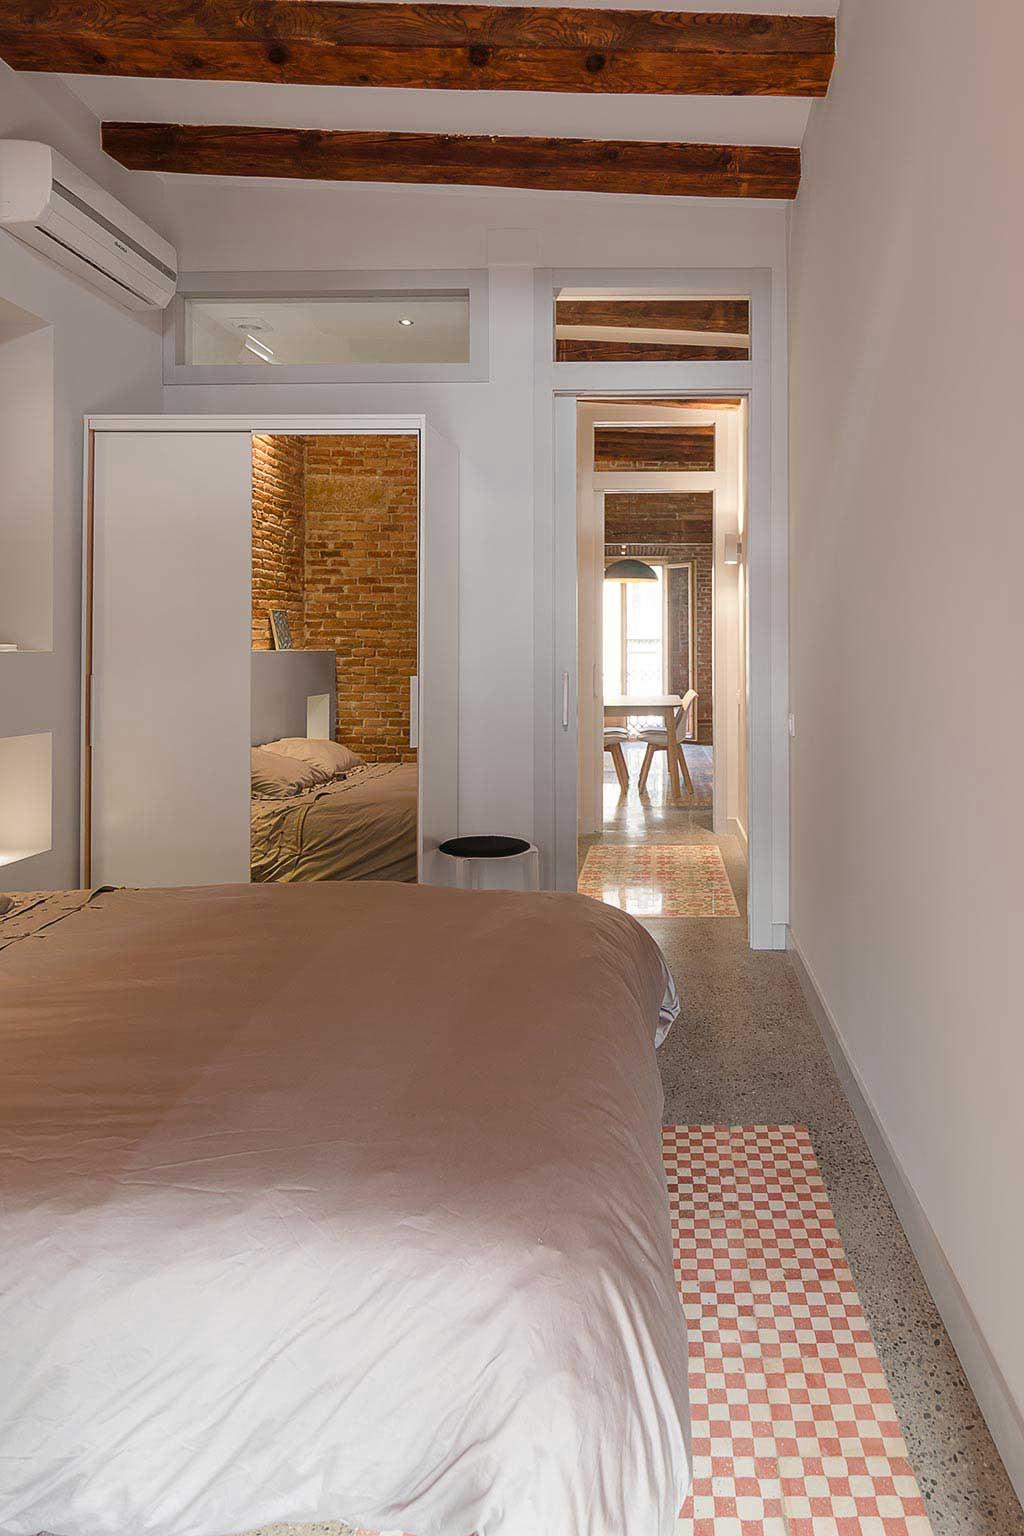 slaapkamer-cementtegels